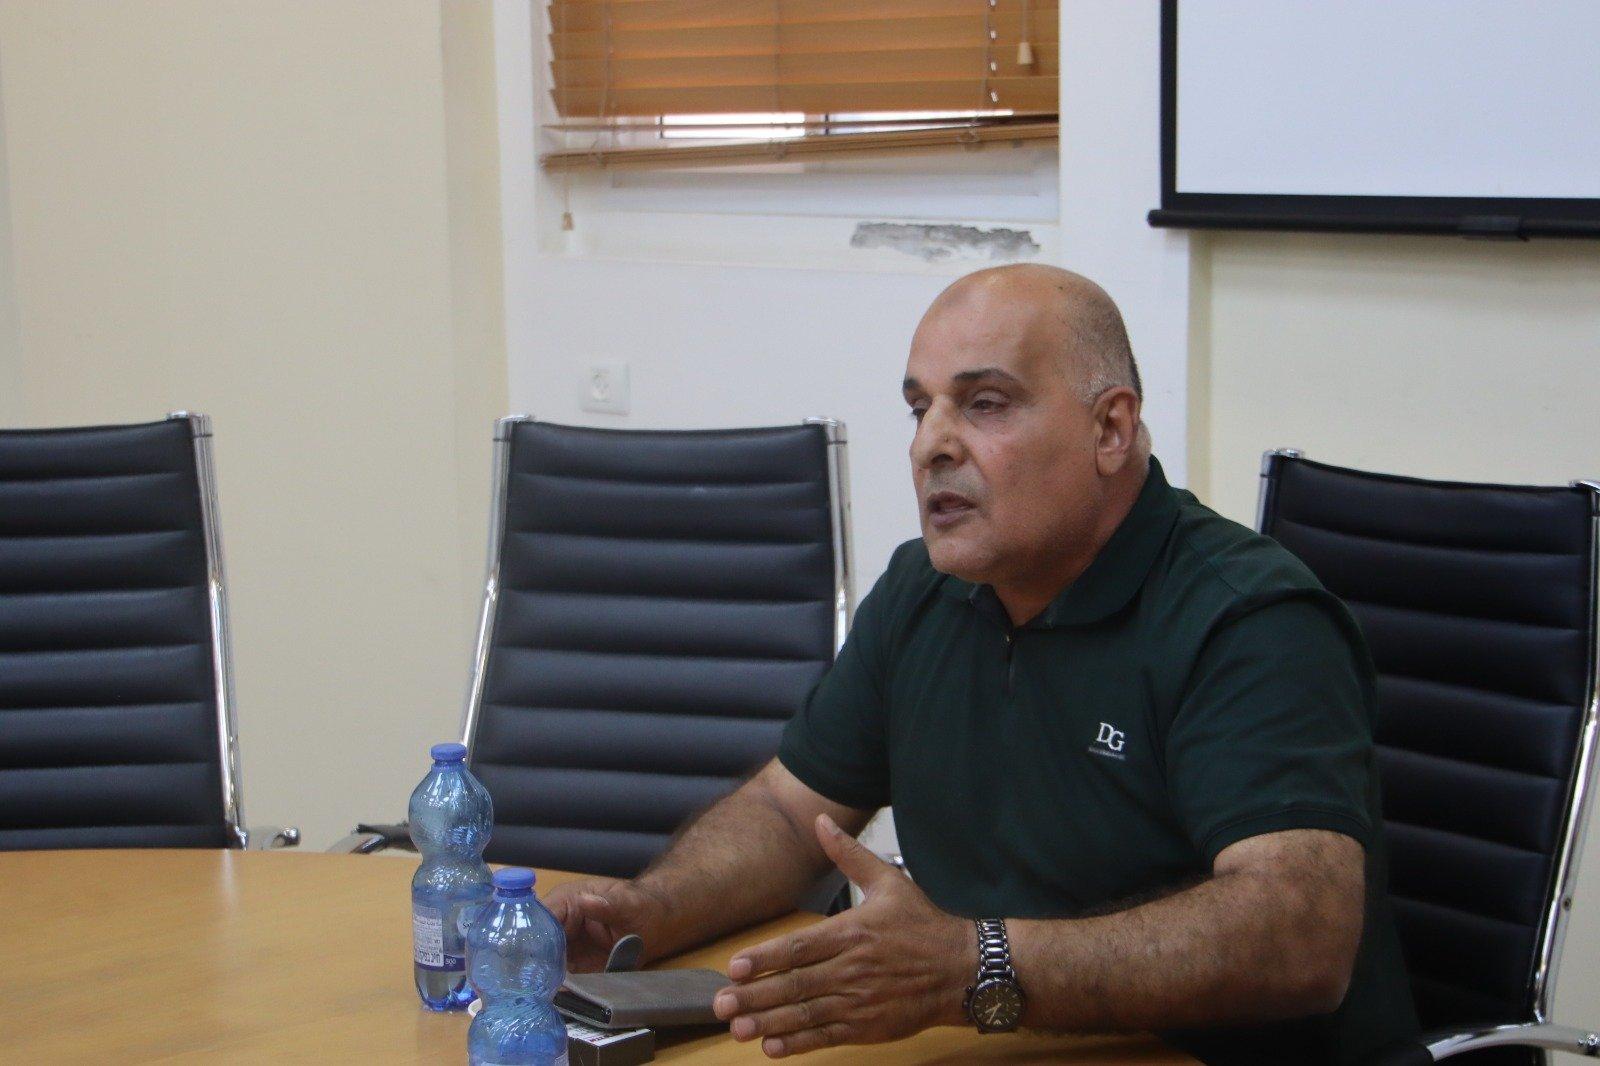 وفد وإدانة حادثة العنف التي تعرض لها رئيس باقة الغربية-7